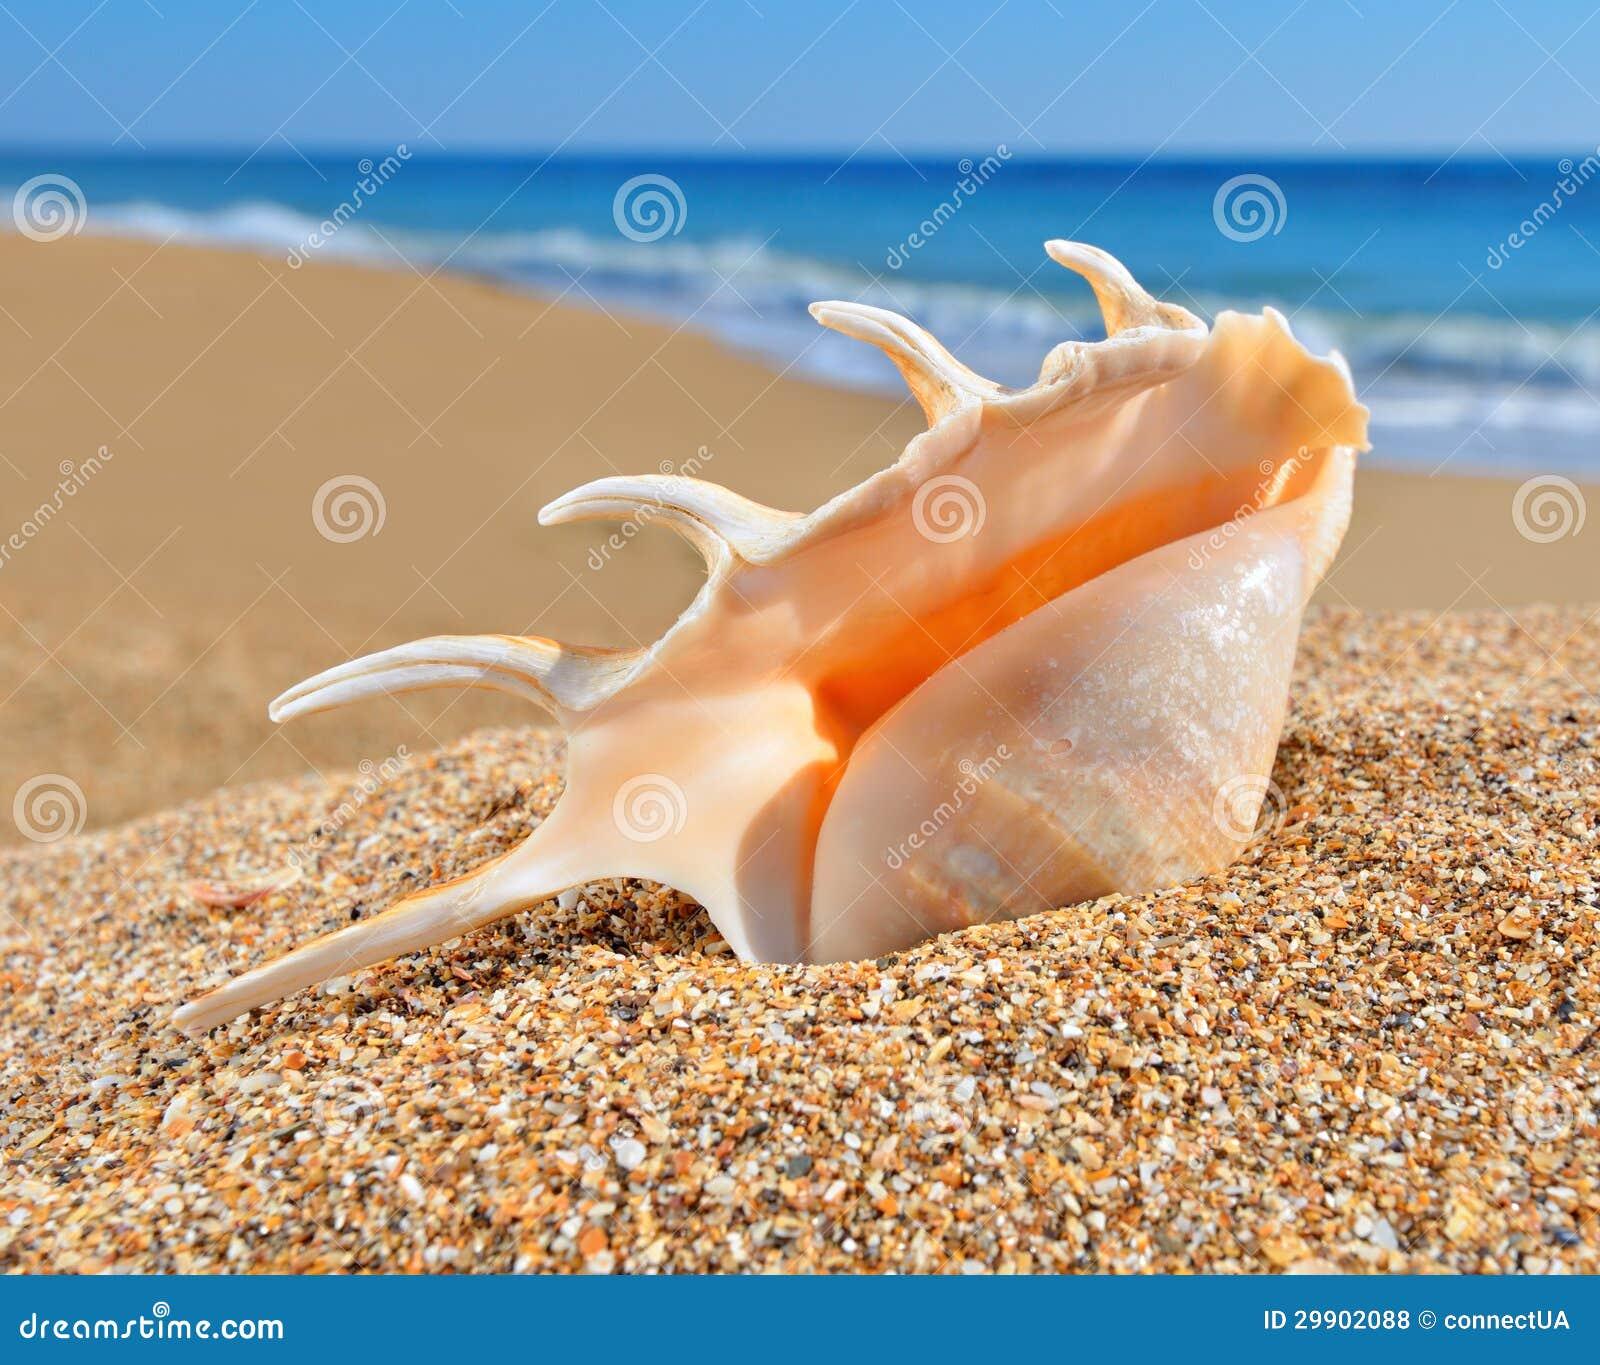 coquillage sur un sable de plage photo stock image 29902088. Black Bedroom Furniture Sets. Home Design Ideas